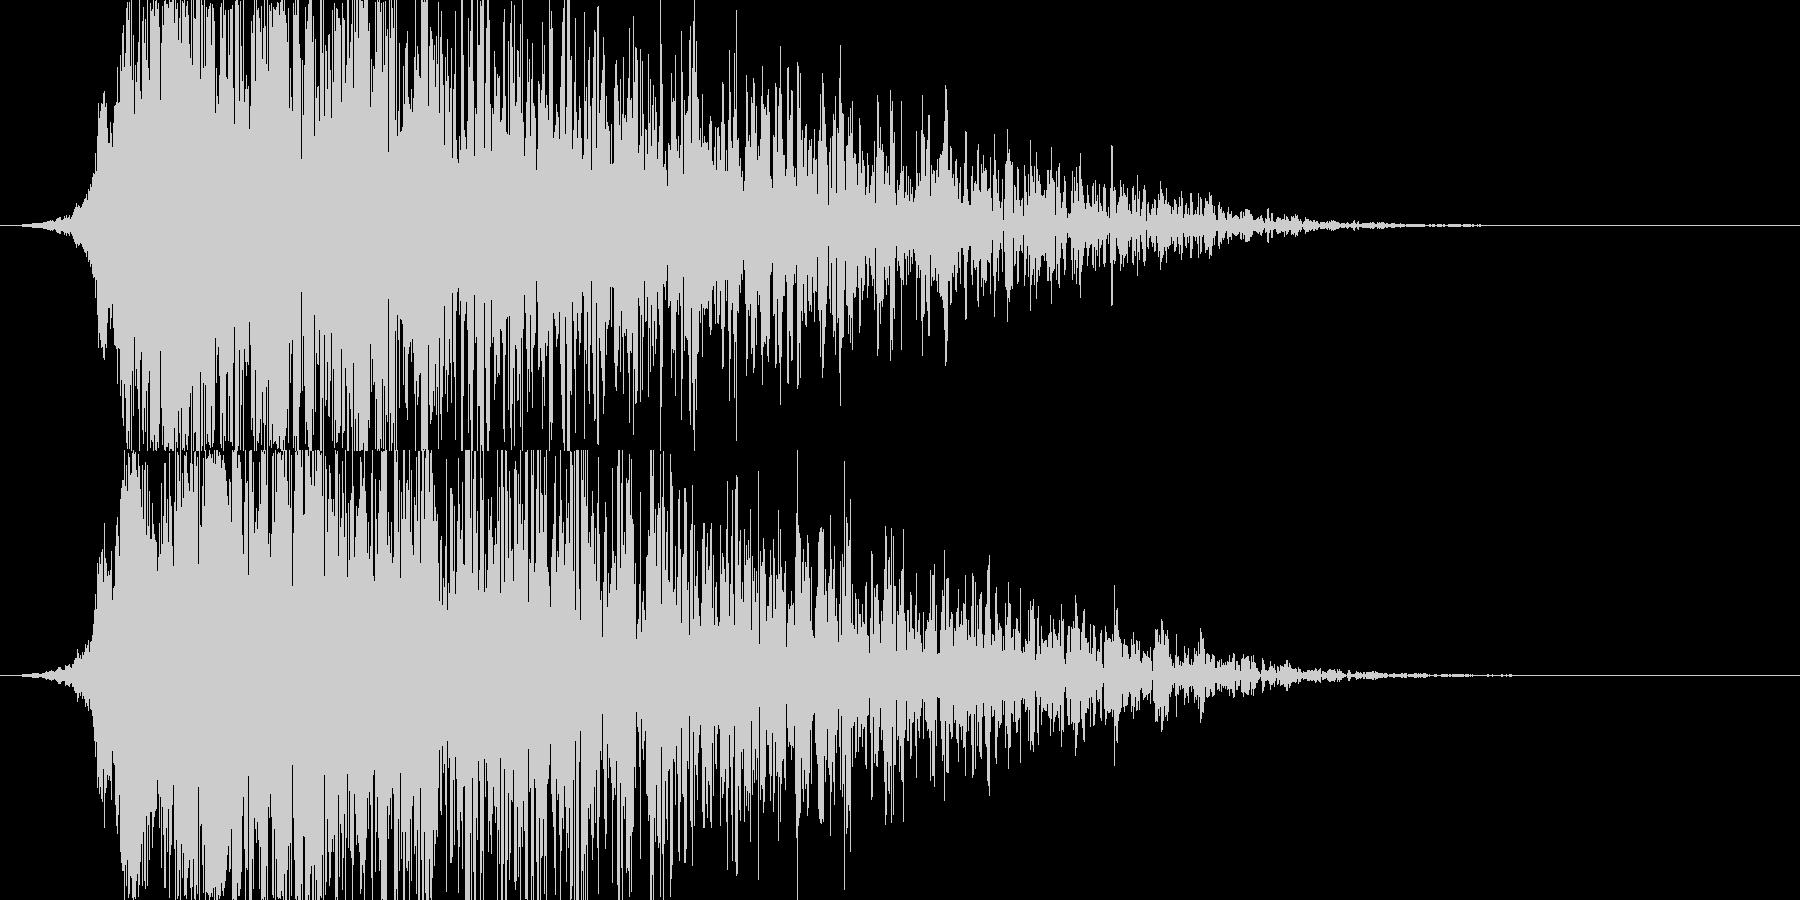 シャキーン!地震や爆発系の演出/魔法05の未再生の波形